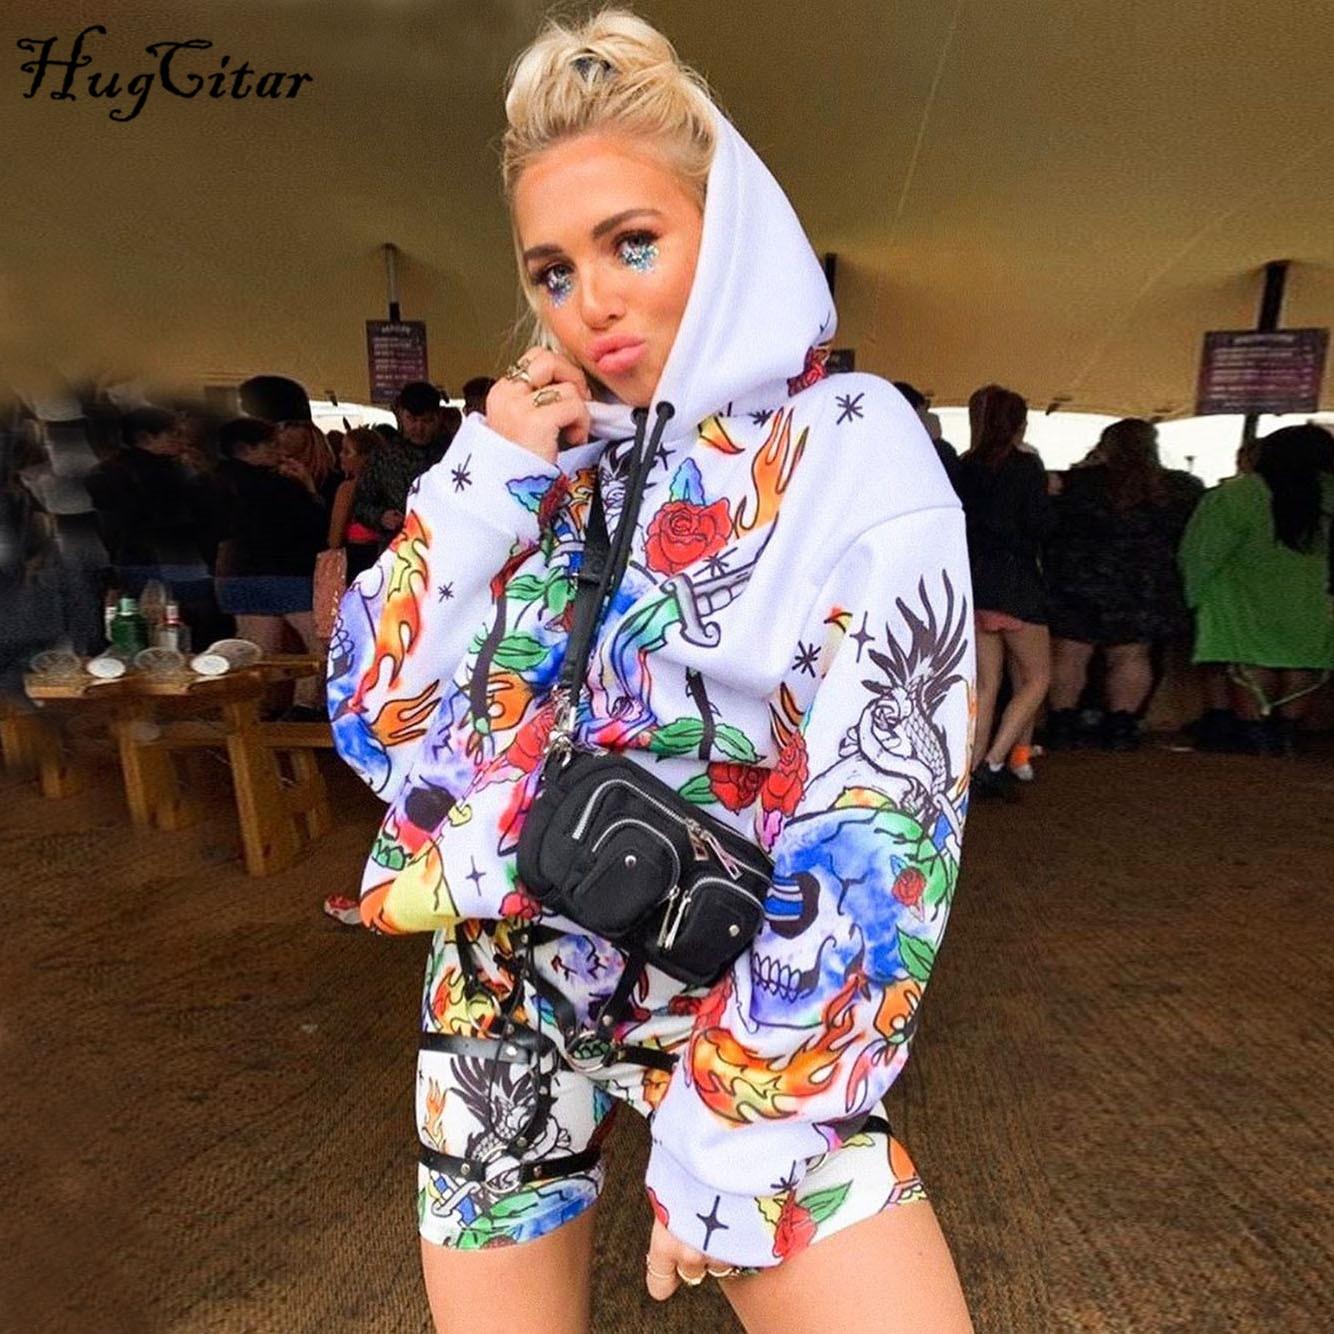 Hugcitar 2019 Print Hooded Long Sleeve Sweatshirts Autumn Winter Women Baggy Hoodies Fullover Streetwear Outfits Hoody Ladies